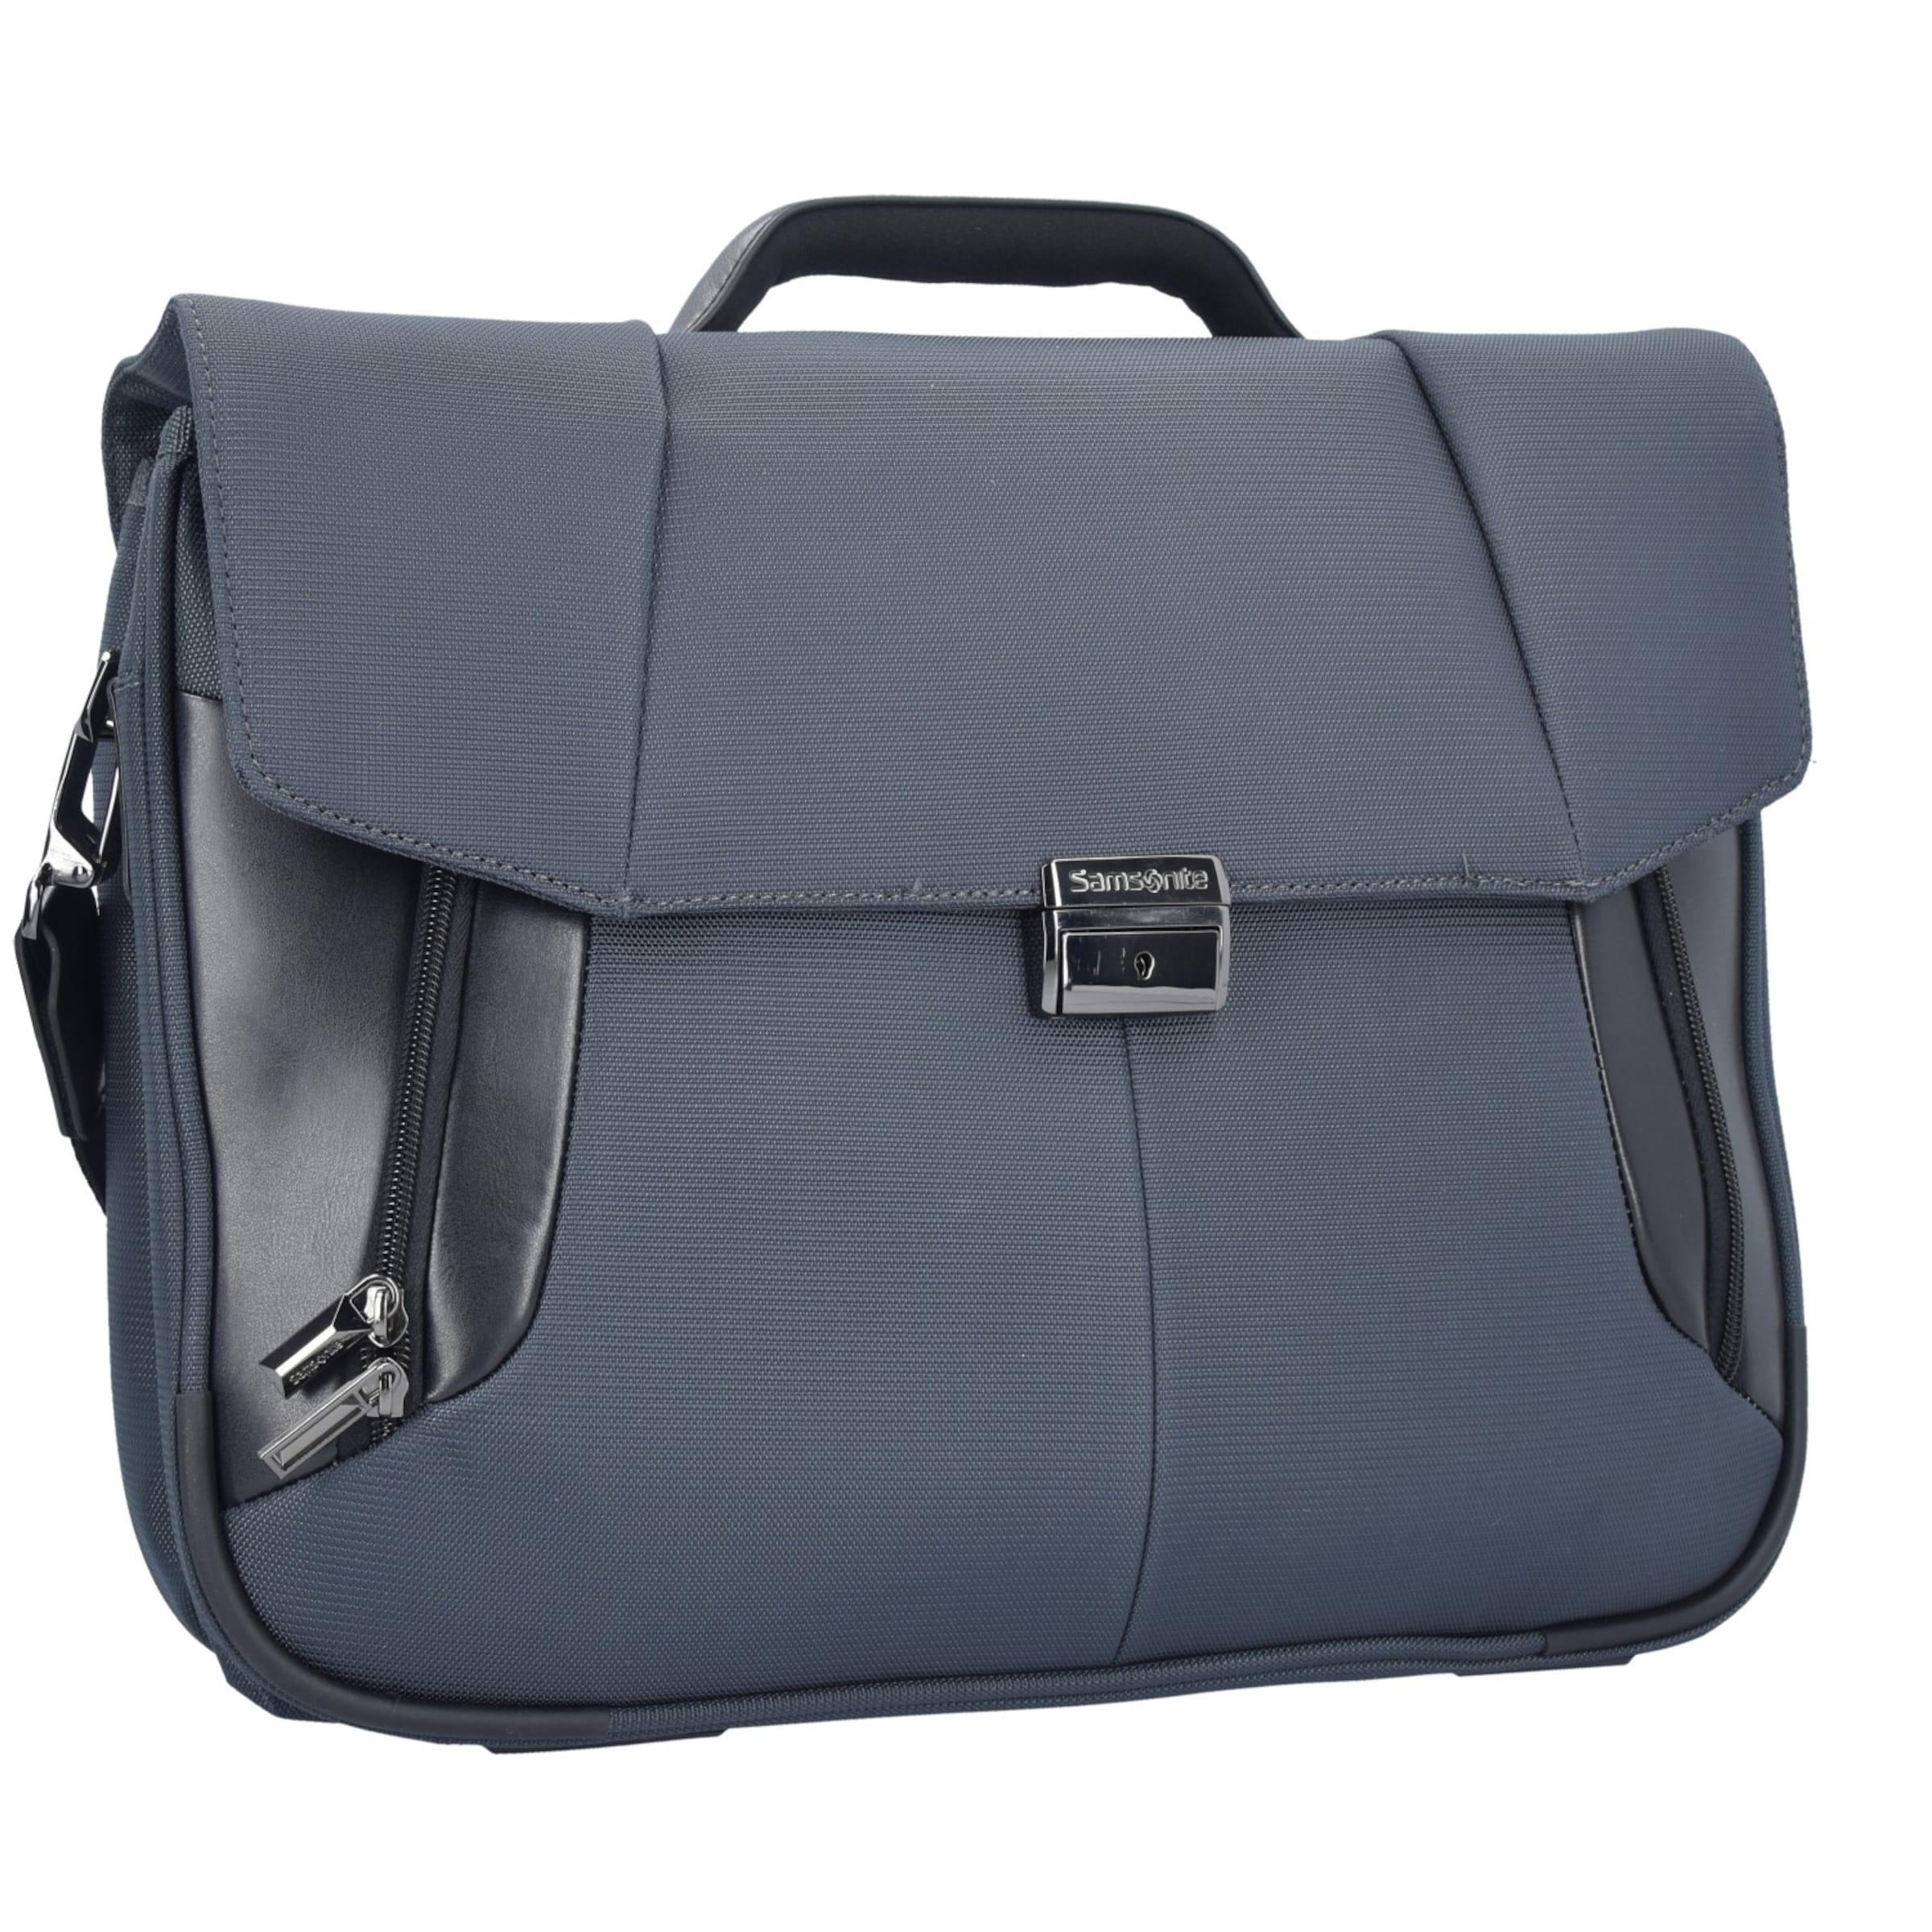 Komfortabel Günstiger Preis SAMSONITE XBR Aktentasche II 45 cm Laptopfach Sehr Billig Zu Verkaufen Kostenloser Versand Klassisch n63nE